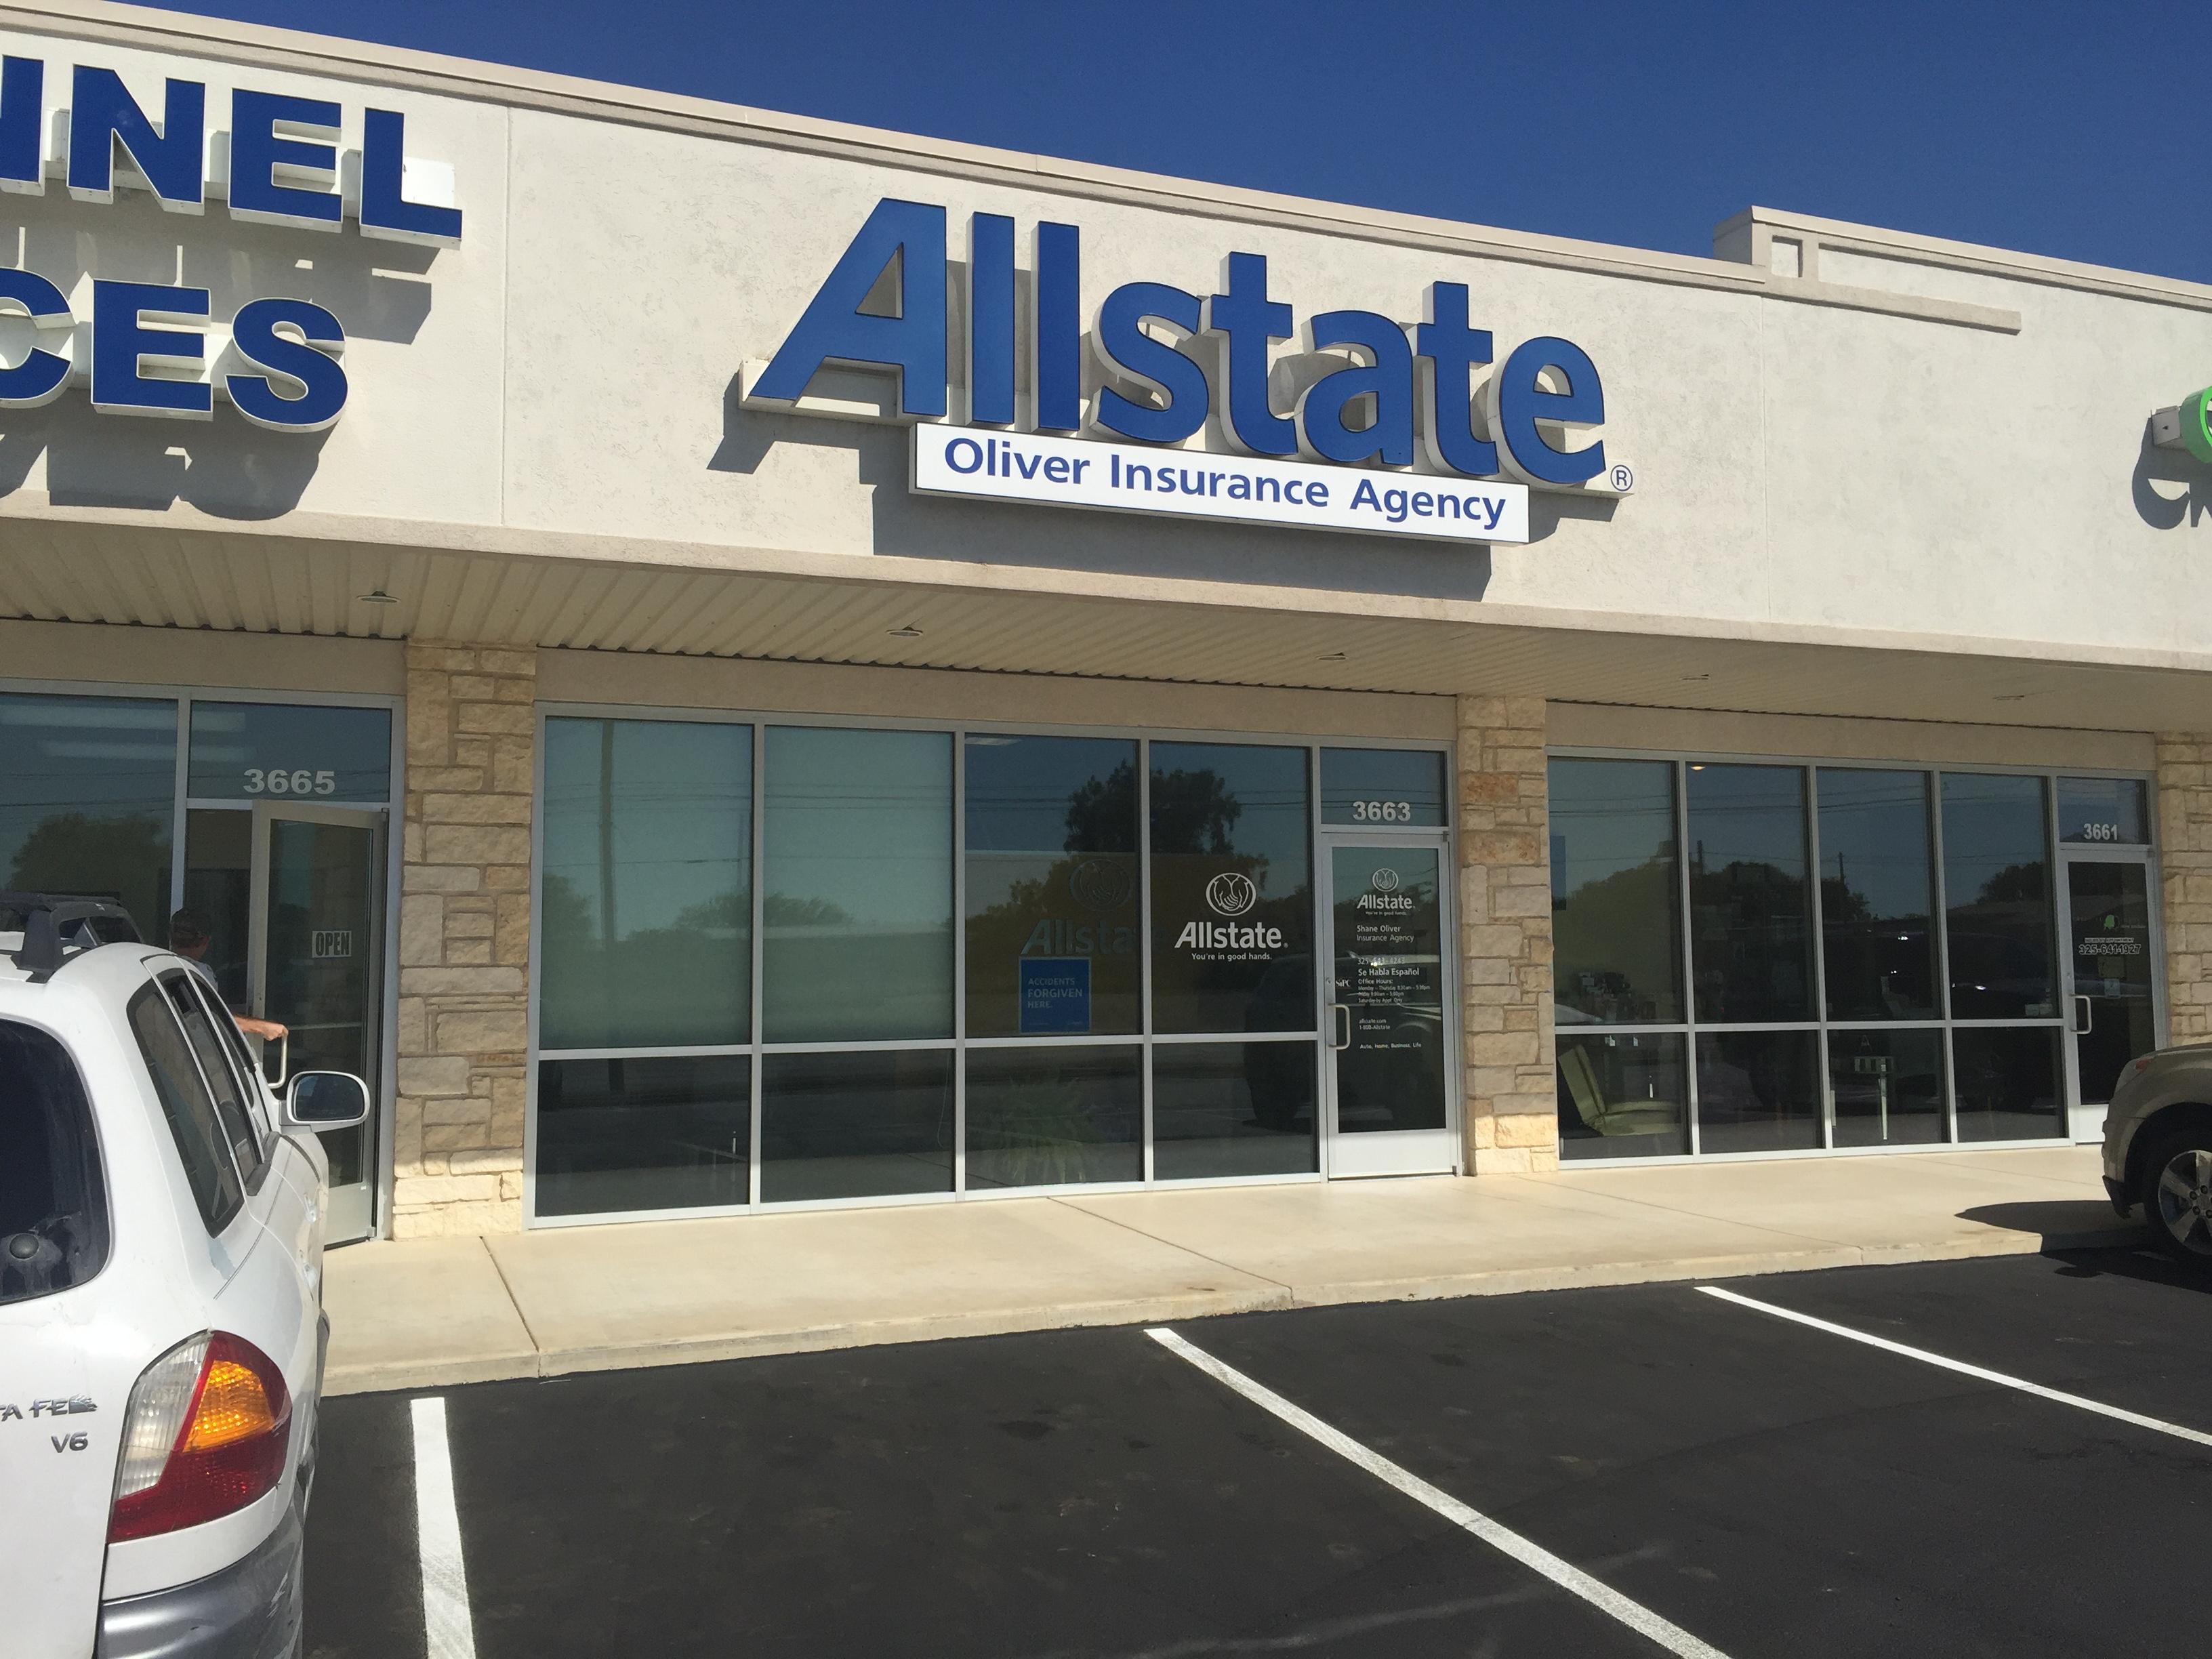 Allstate Insurance Agent: Shane E. Oliver image 1